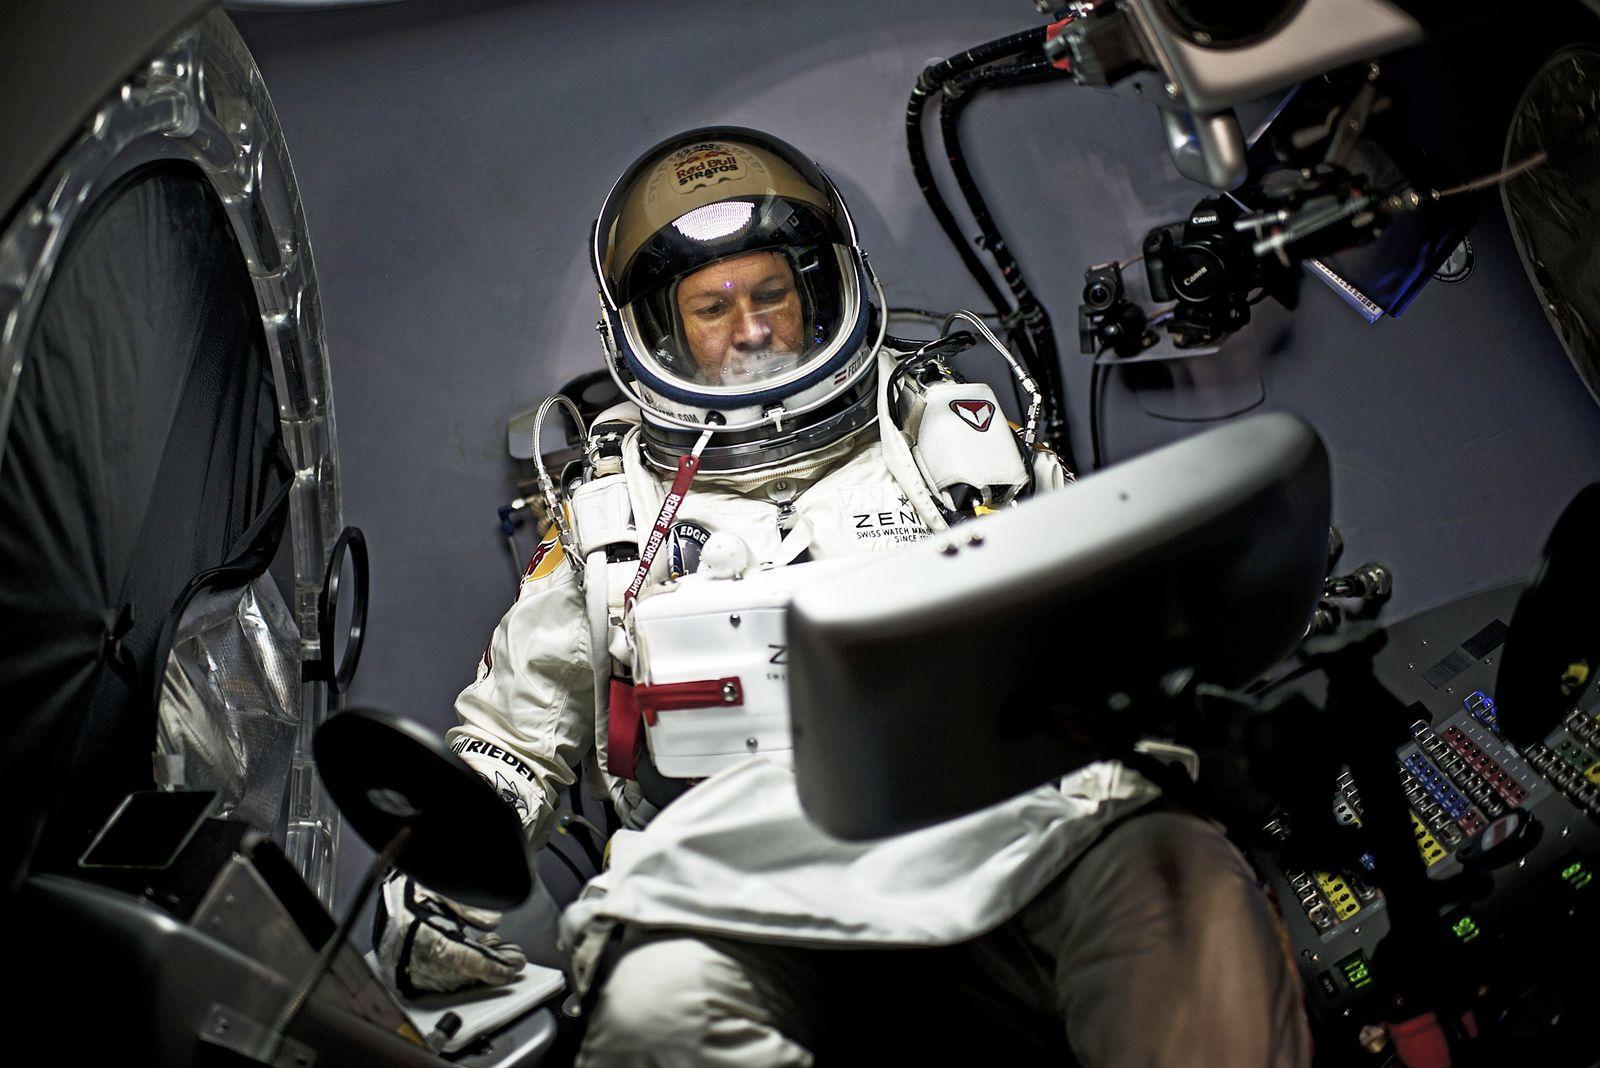 Baumgartner/ Stratos mission